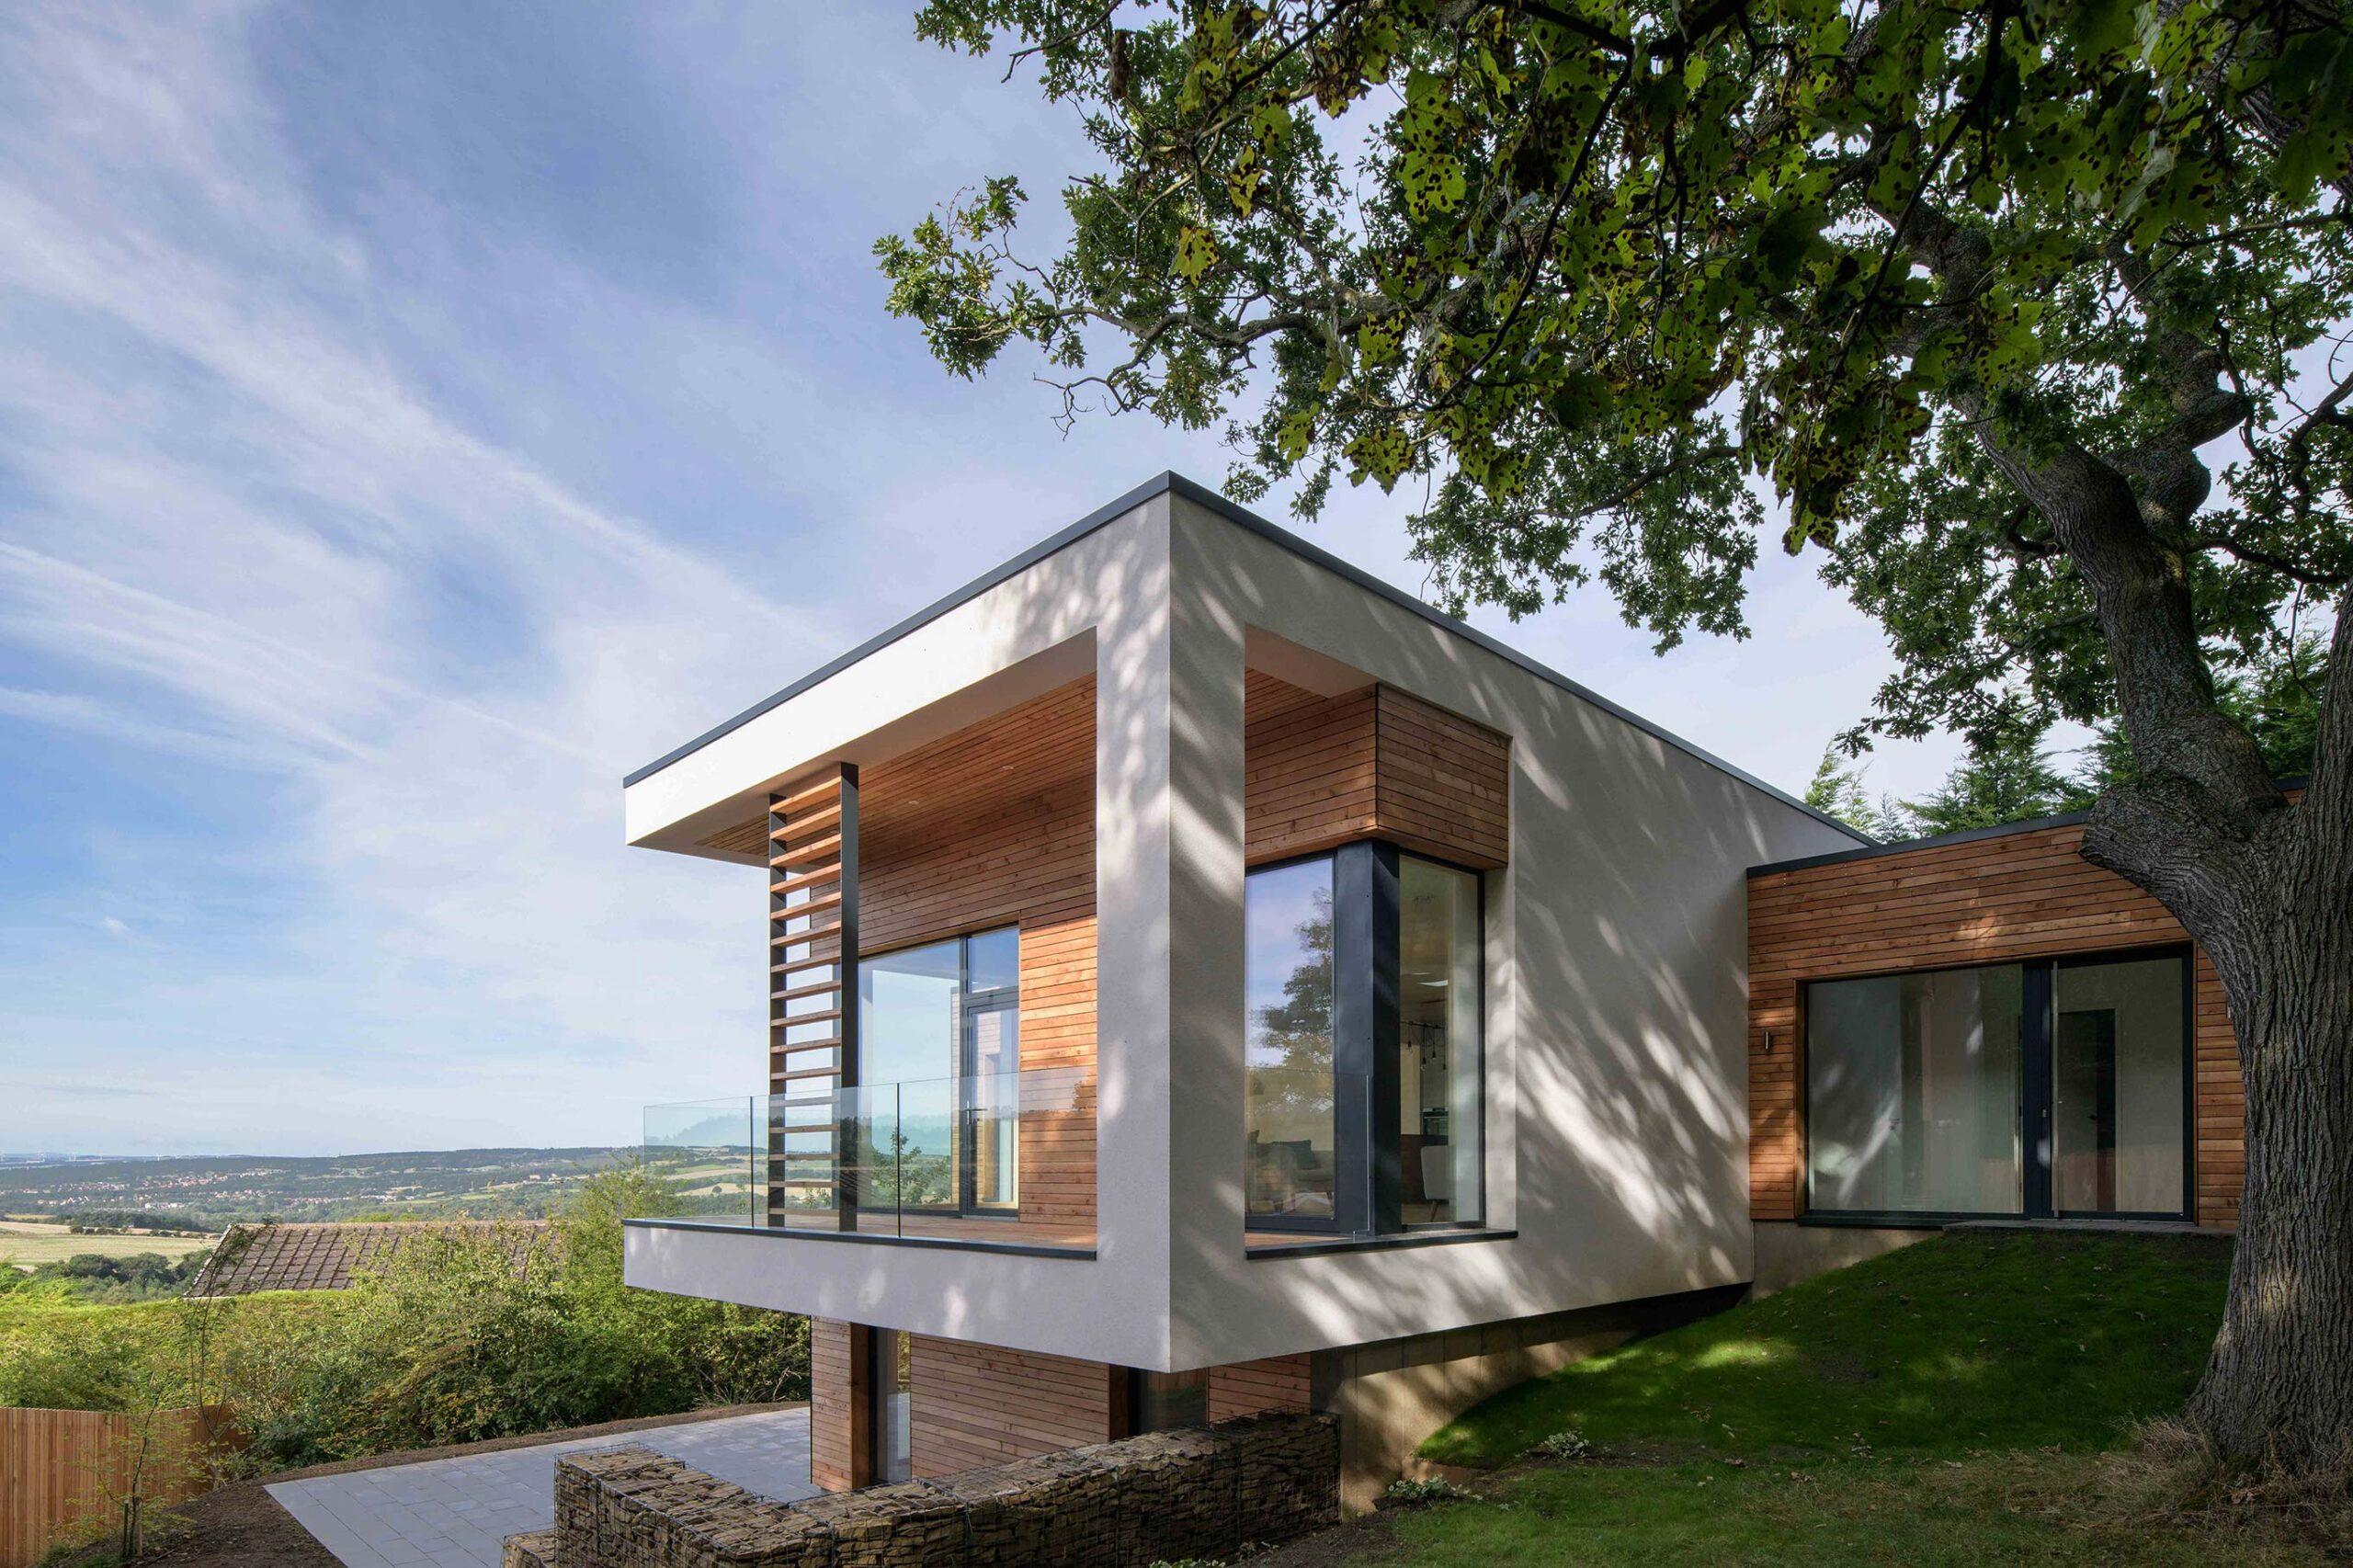 MawsonKerr Oak Tree passivhaus